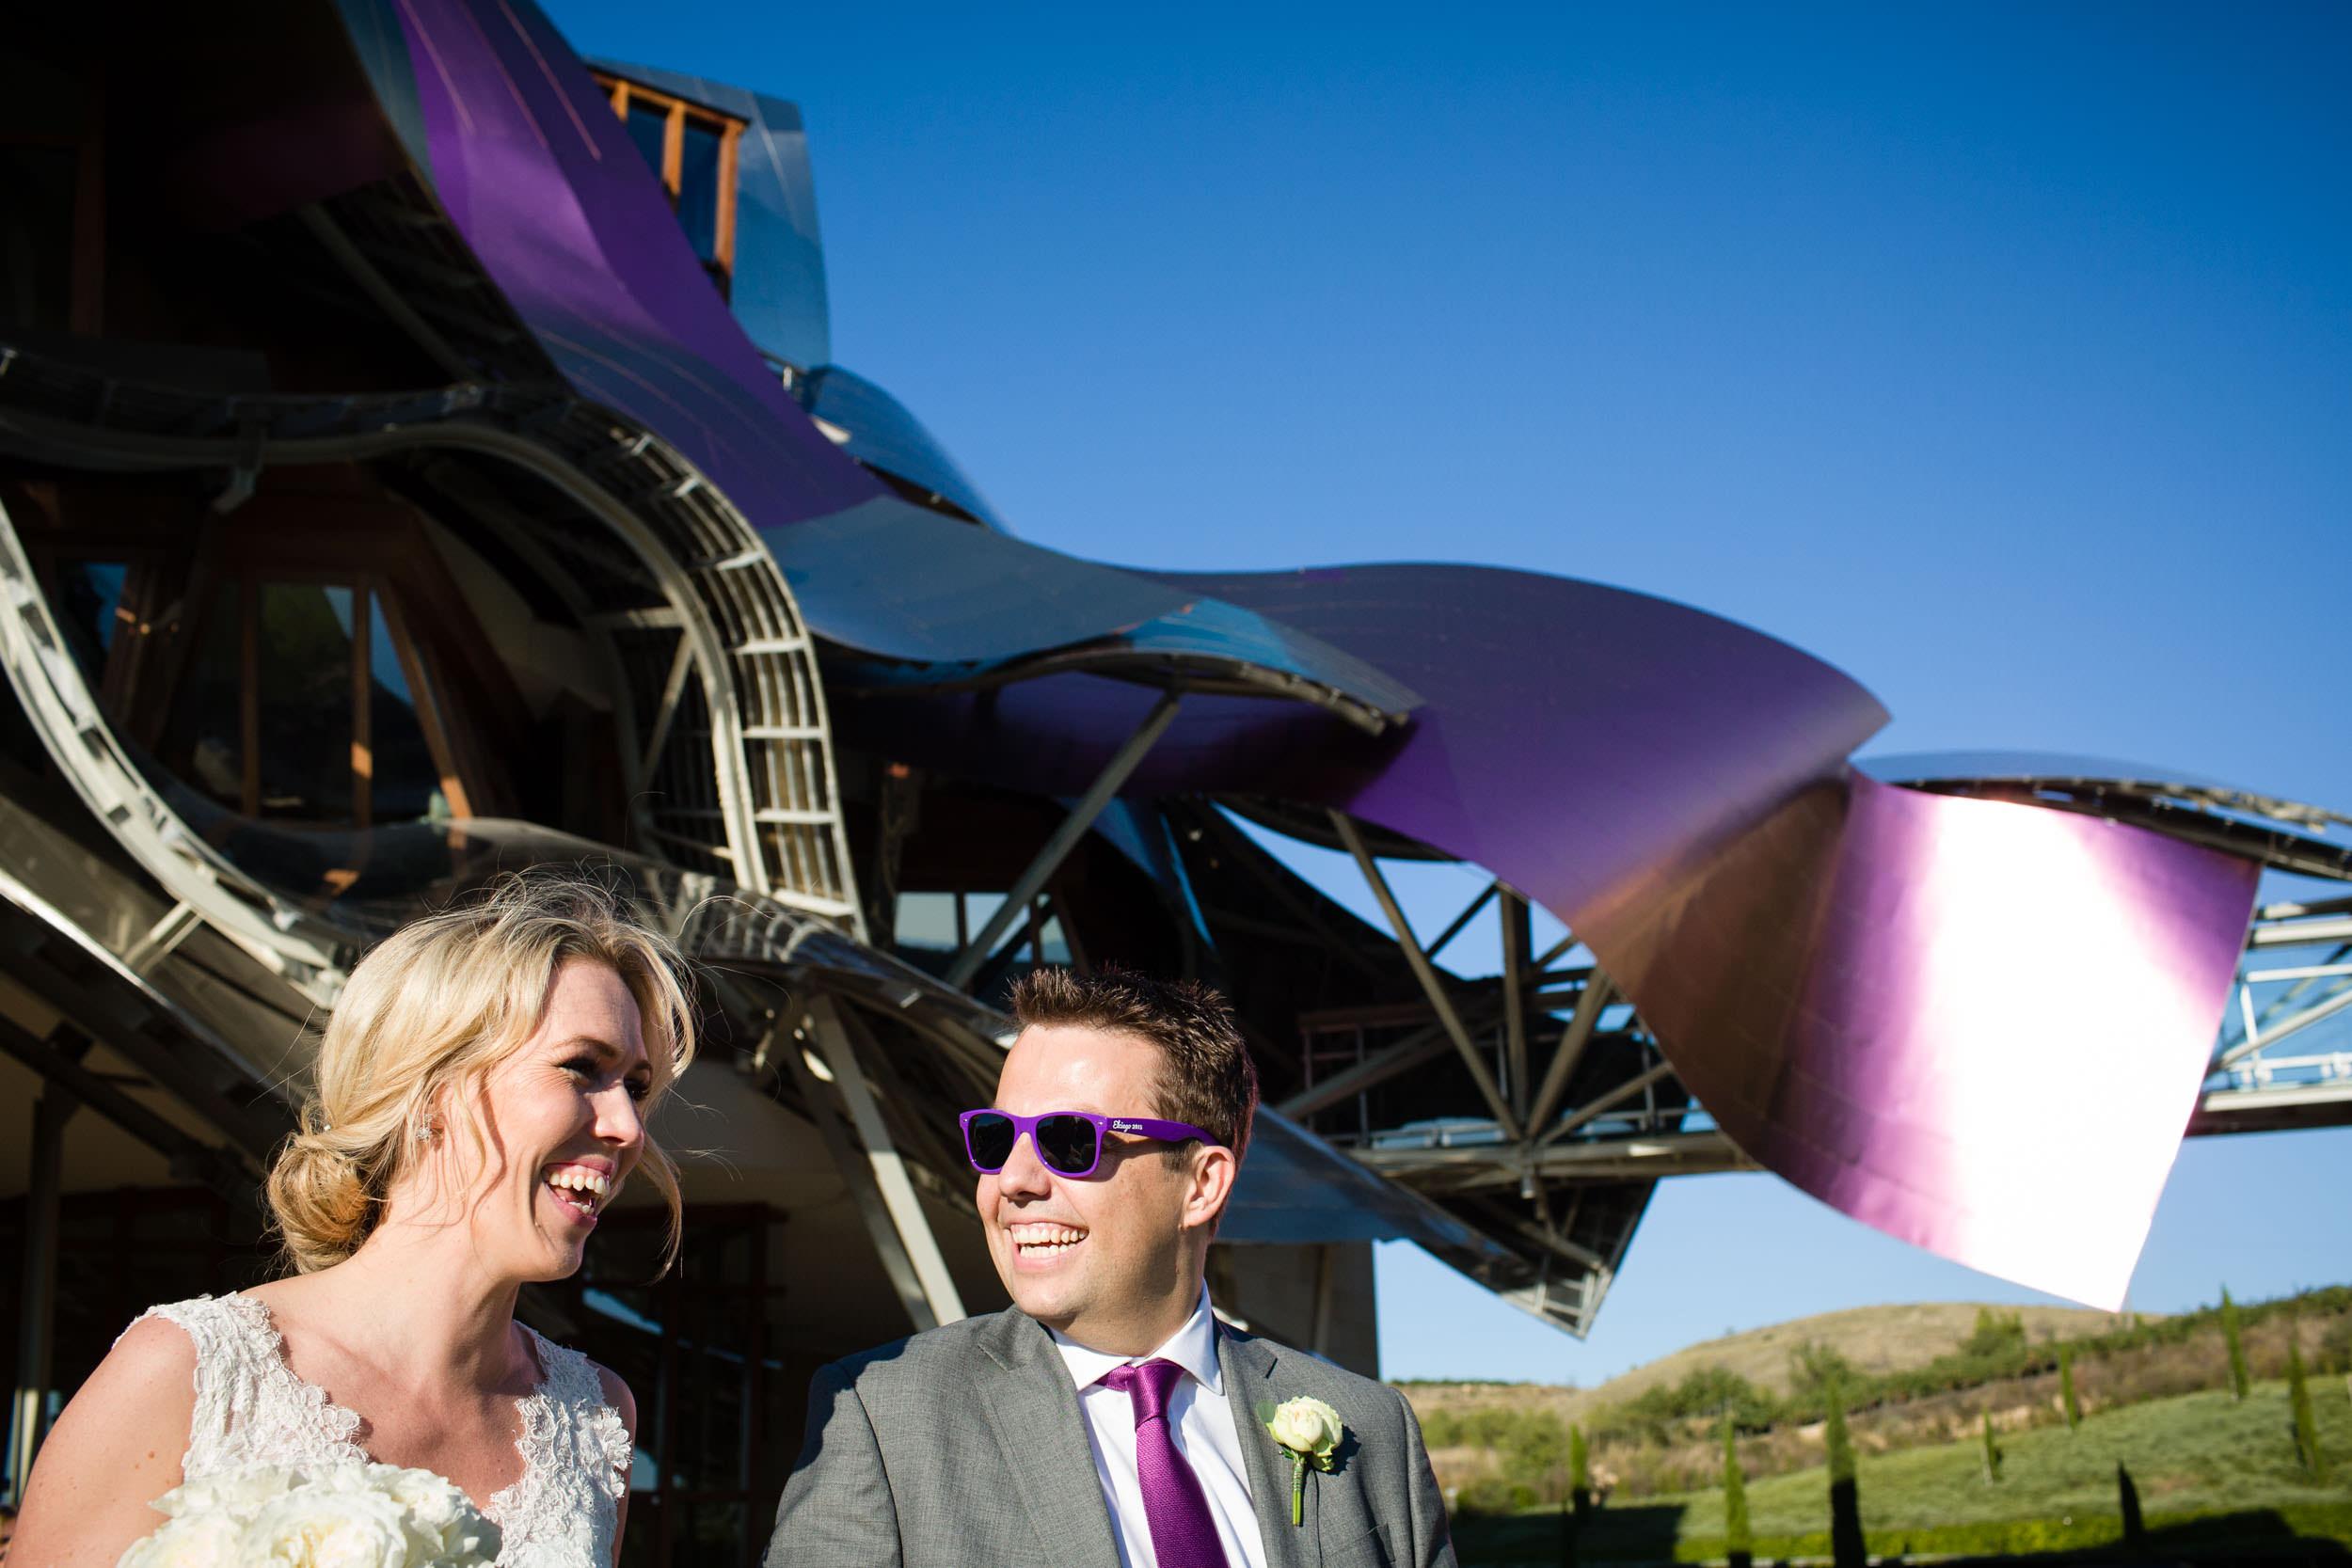 Mejor Fotografia de boda La Rioja Pais Vasco España - James Sturcke - sturcke.org_00002.jpg